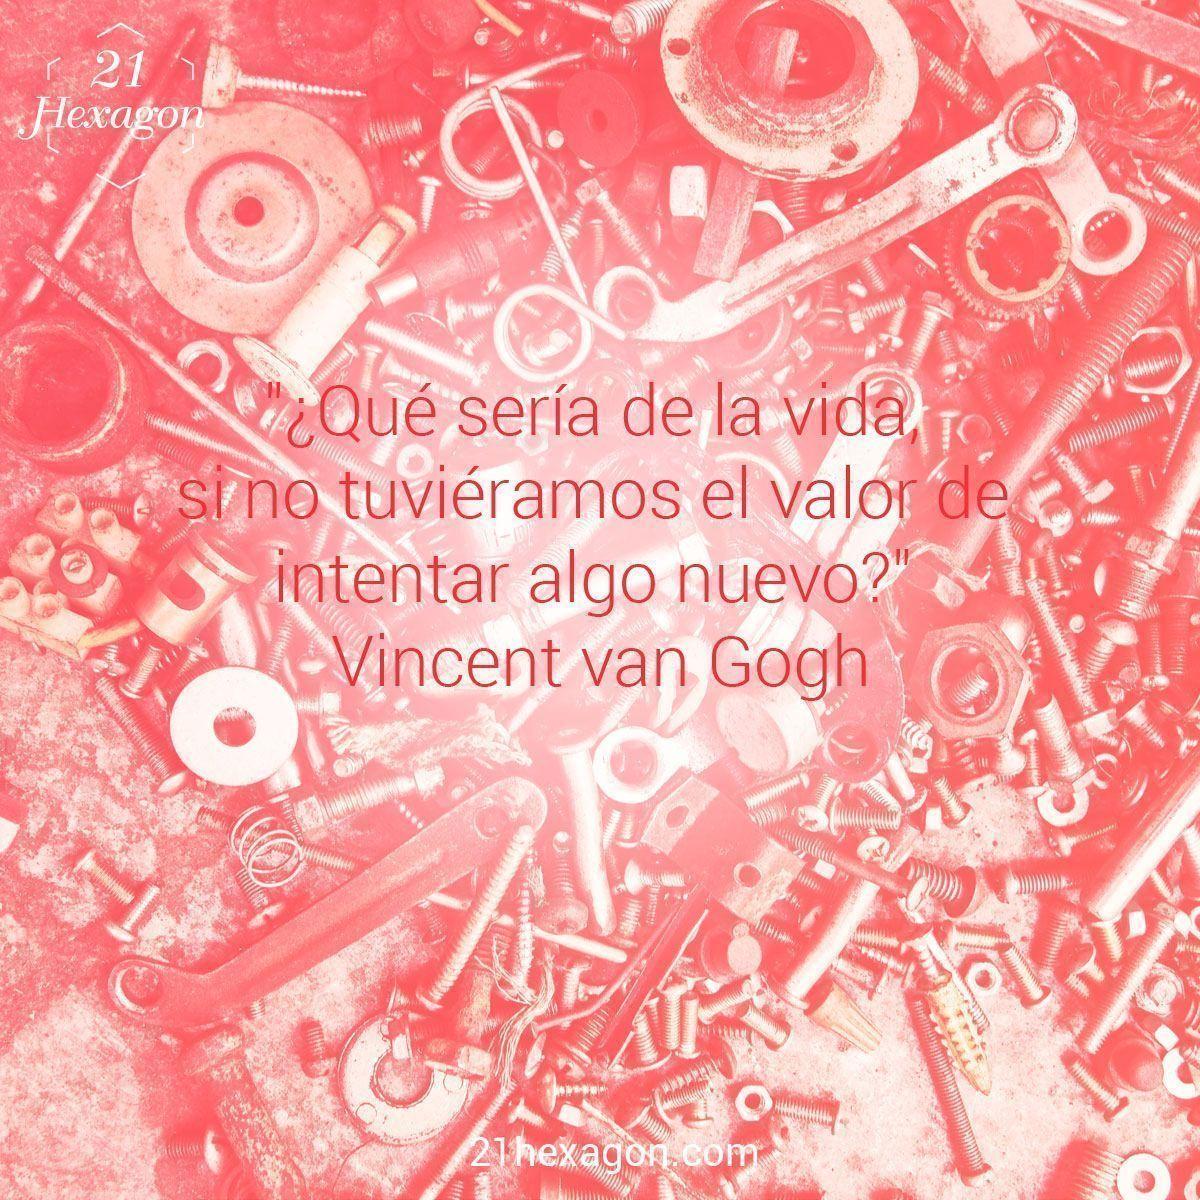 quotes_21hexagon_41.jpg